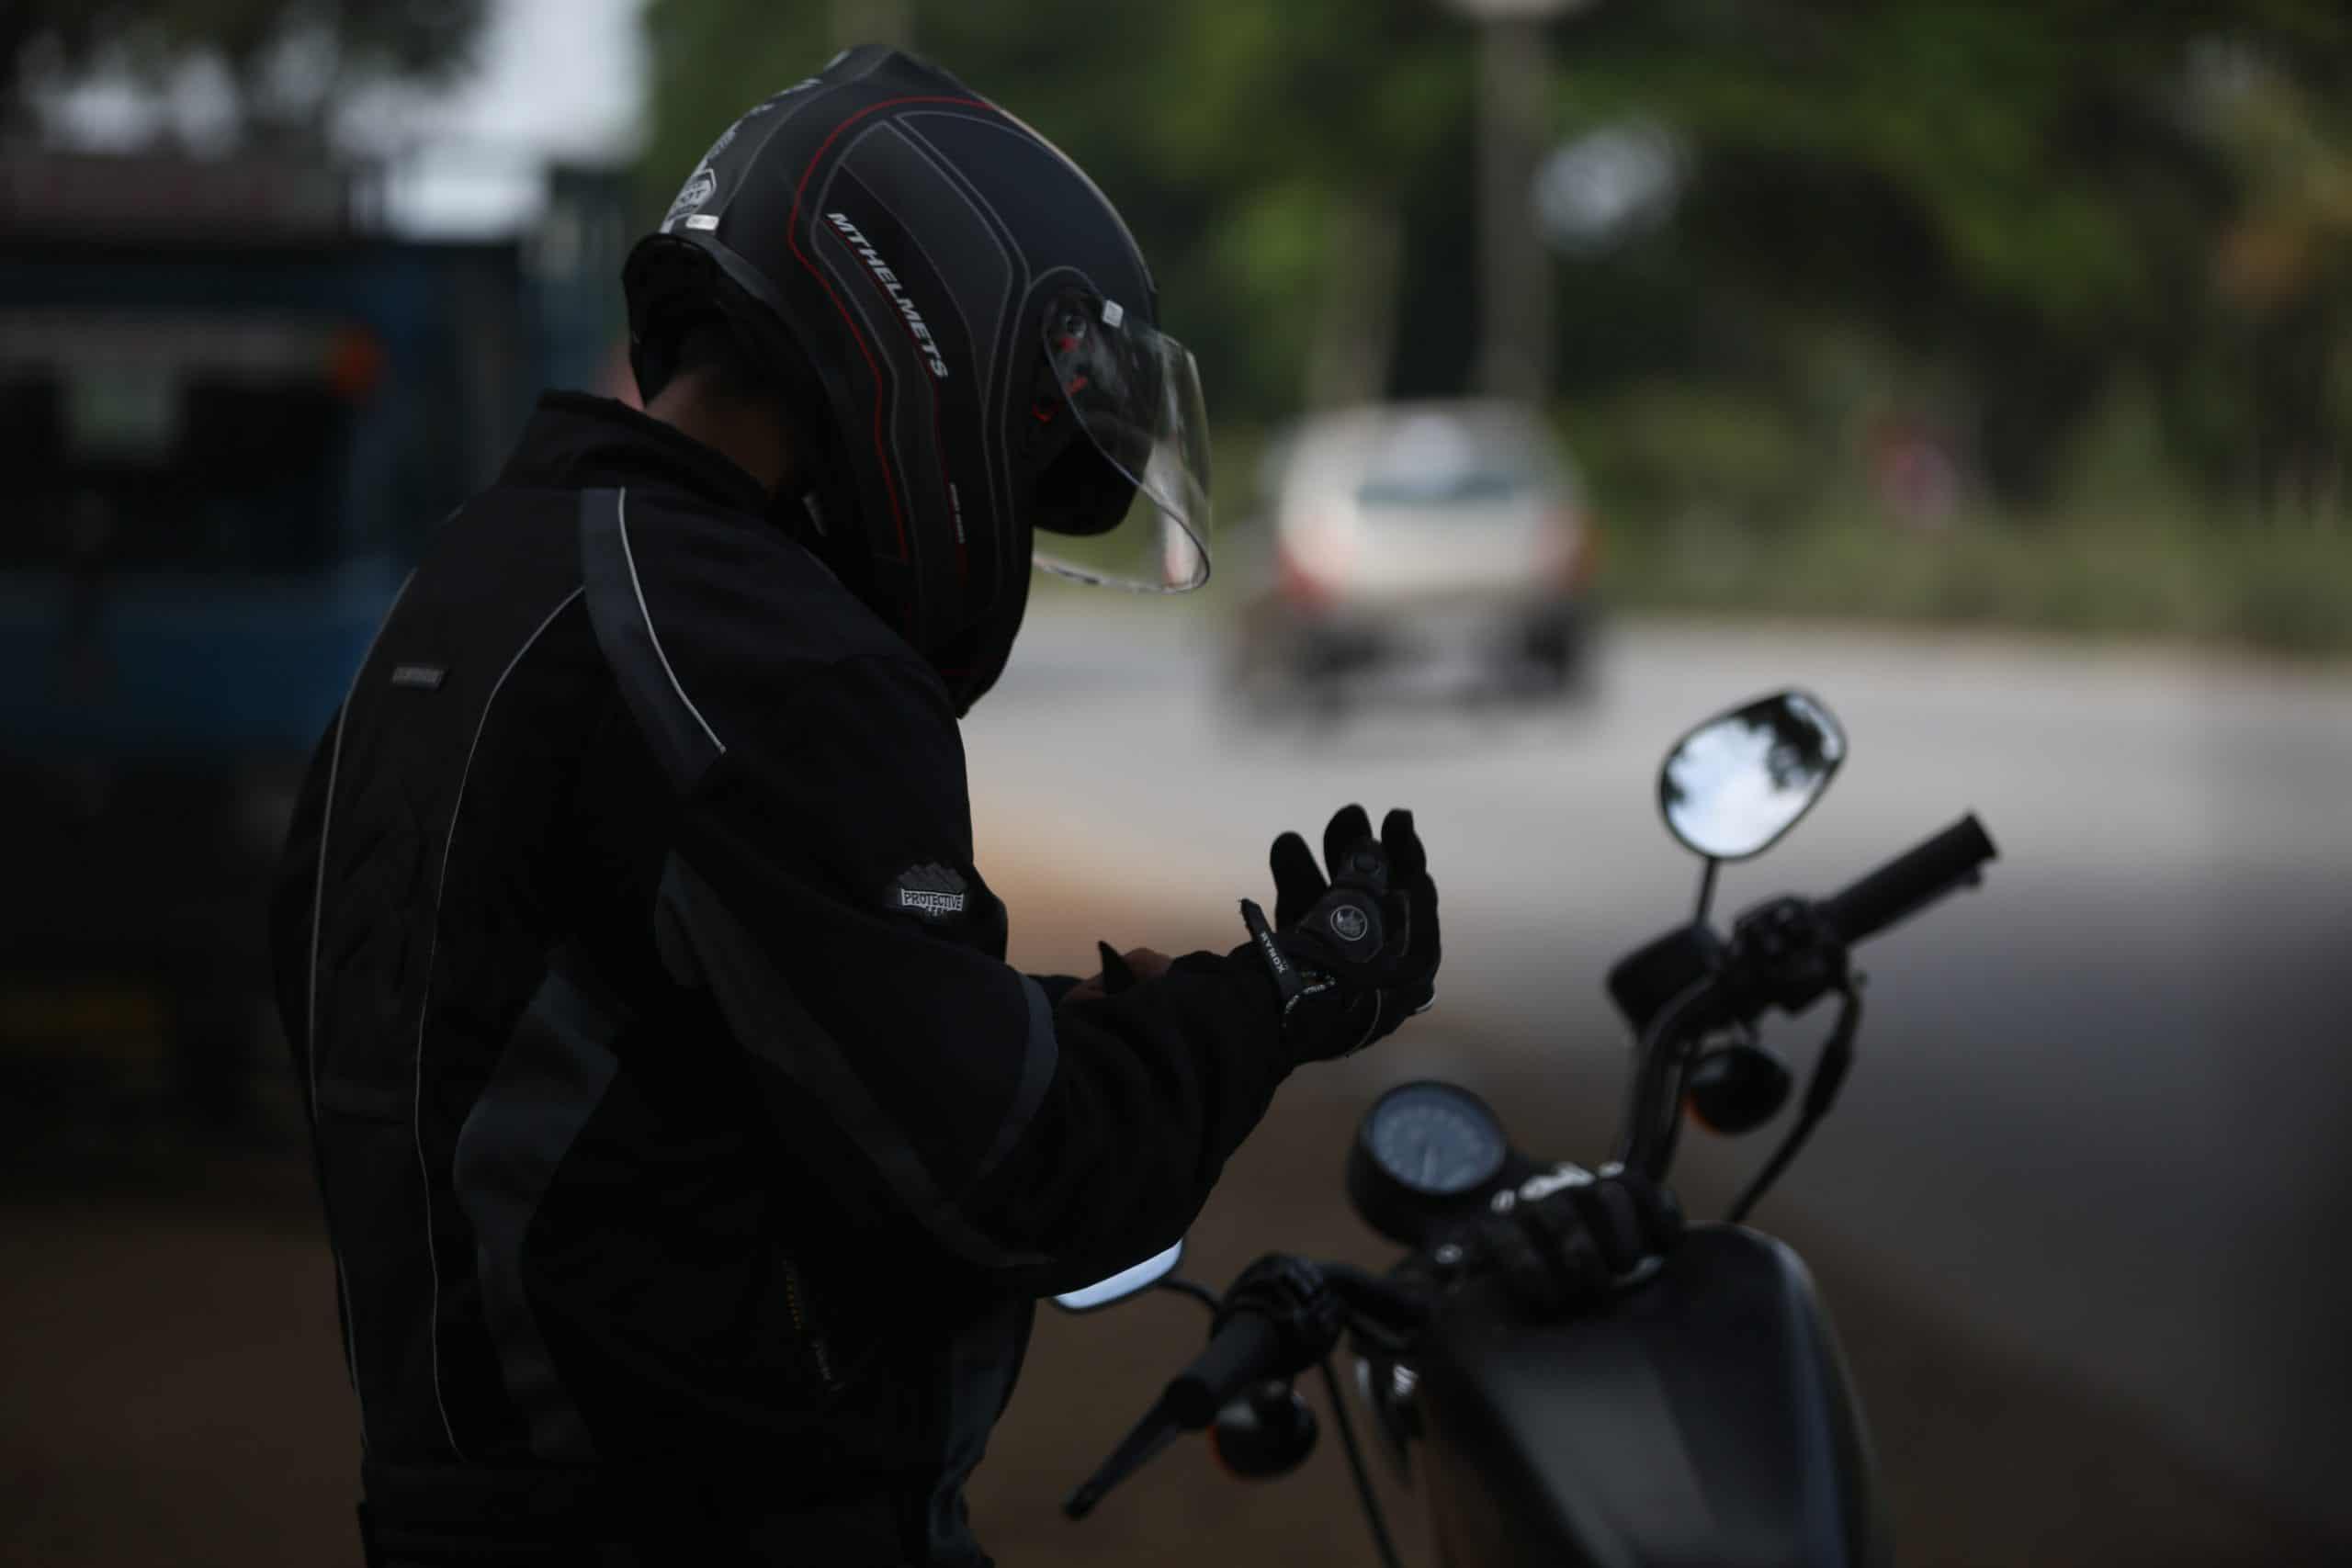 Nowy kask z technologią VR uratuje życie wielu motocyklistom